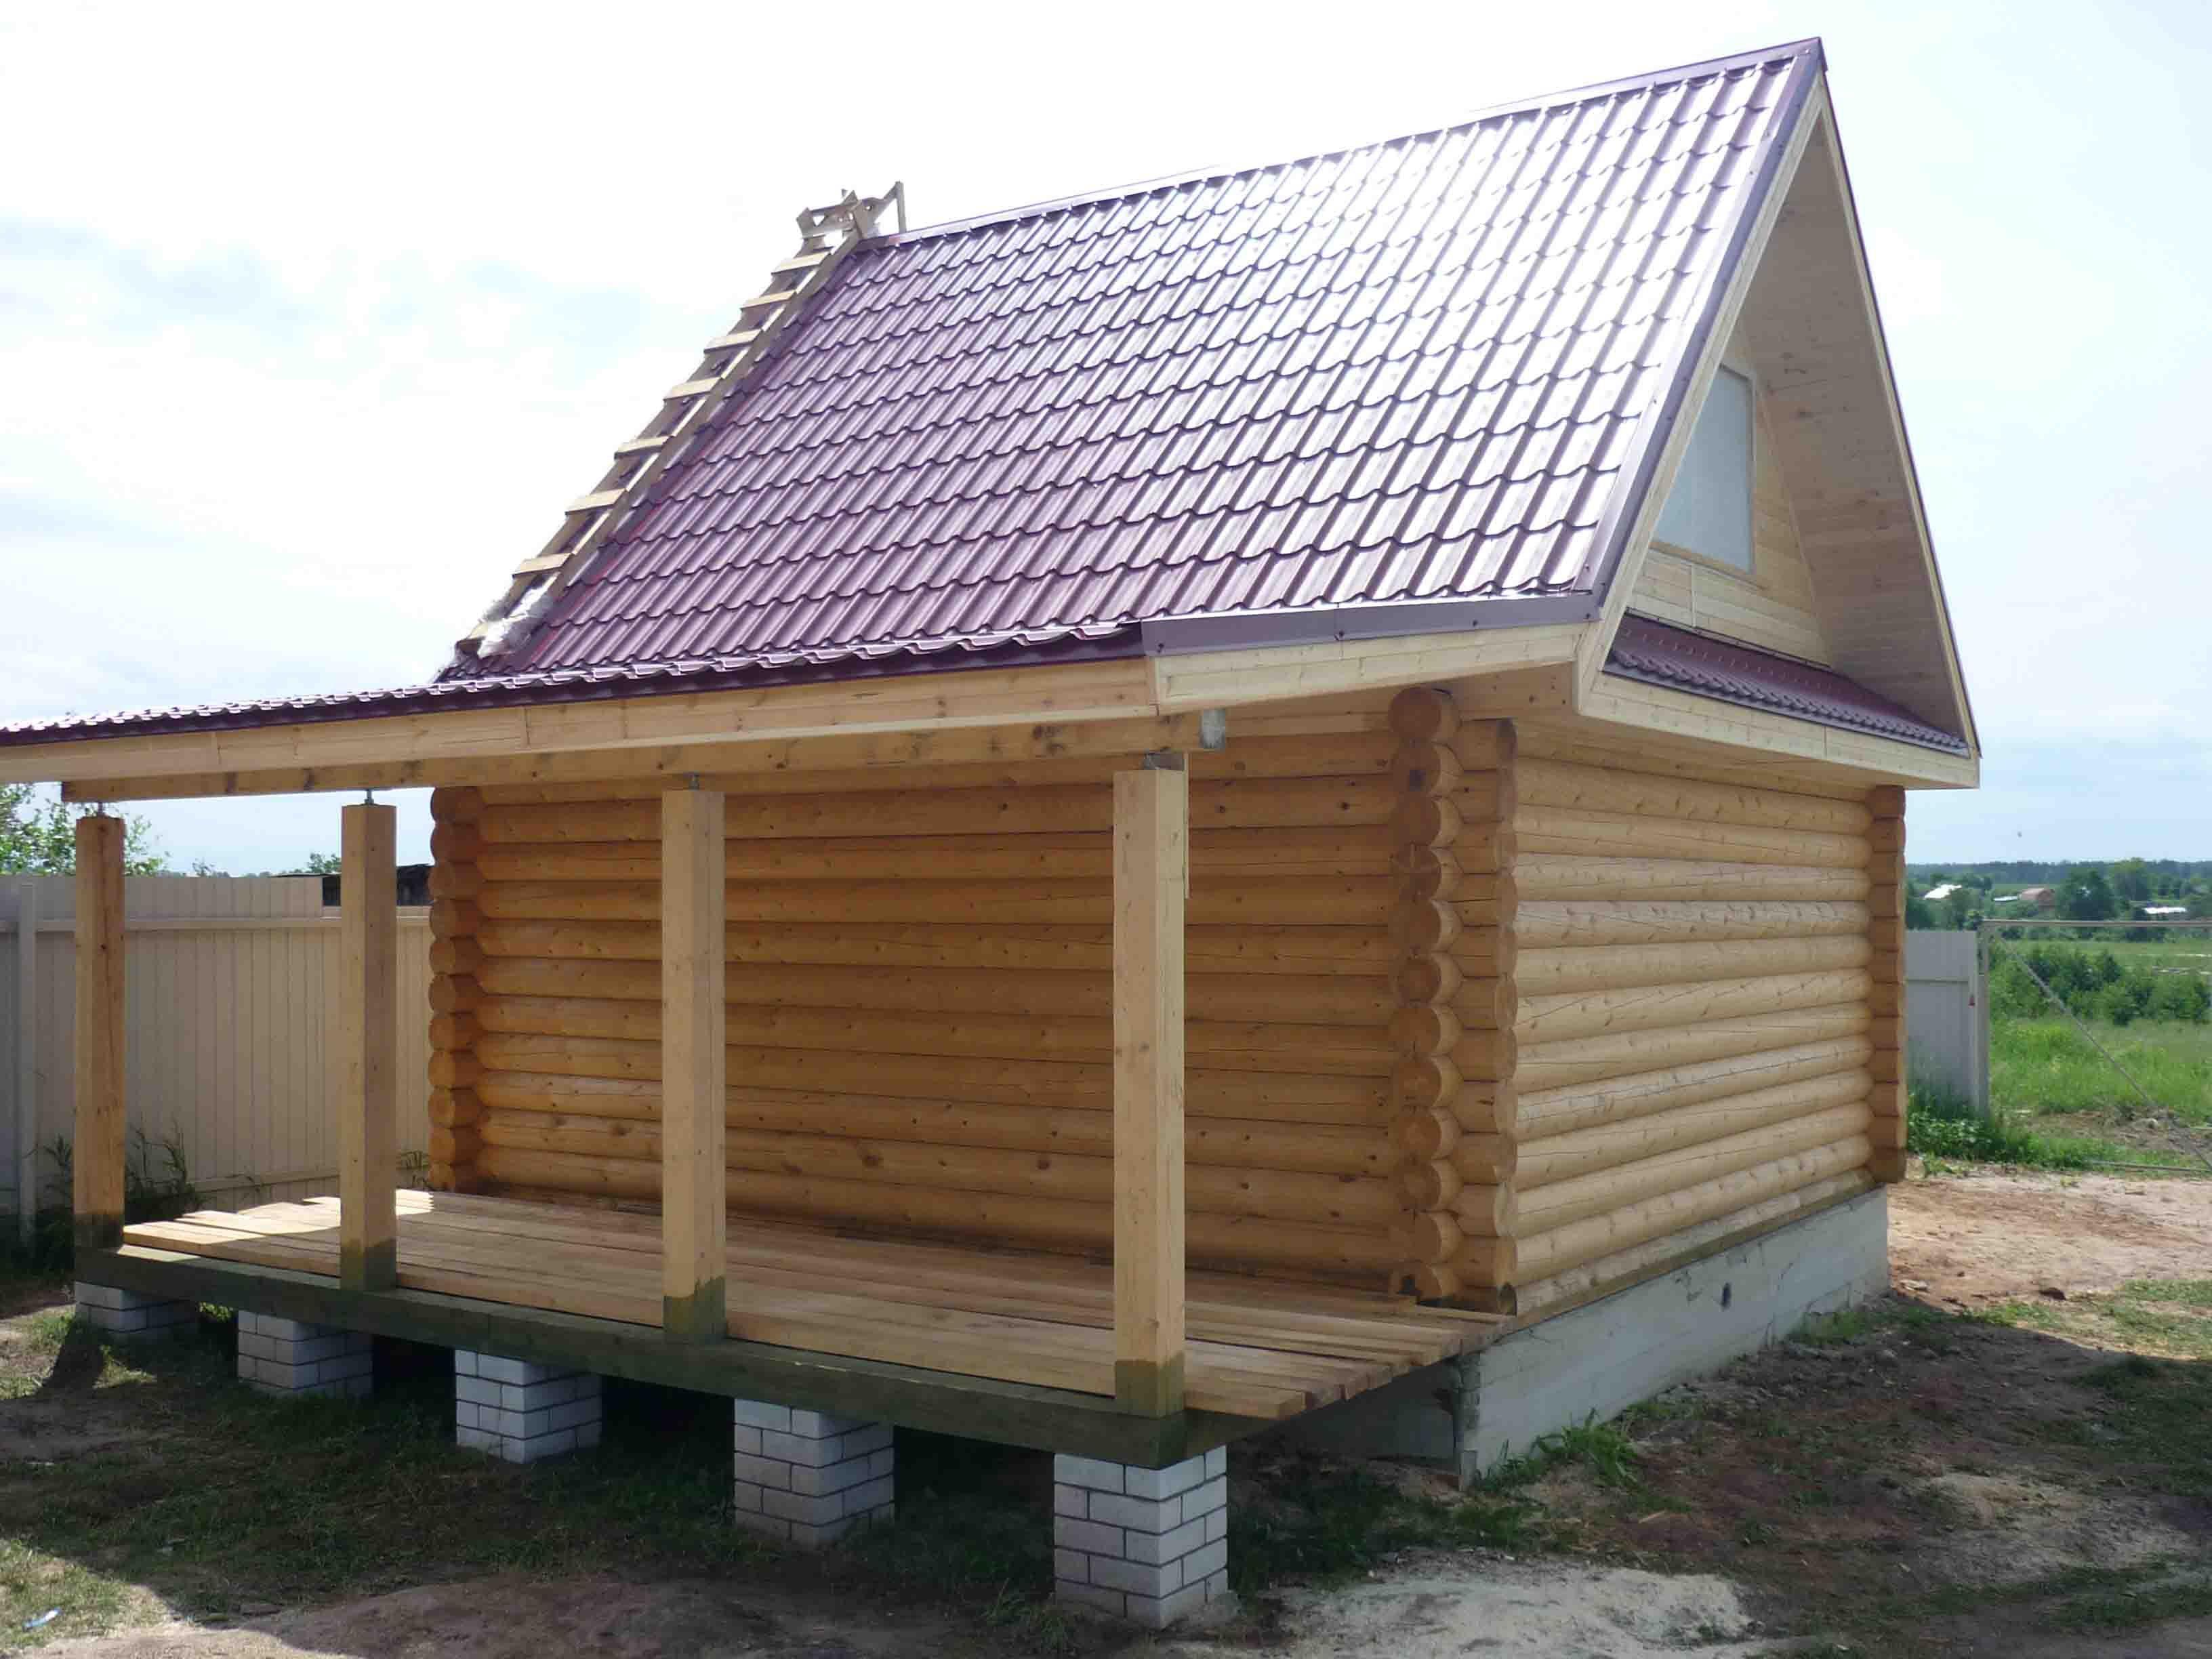 термобелья Термобелье сколько построить дом баню в рязани каменную чтобы белье сидело